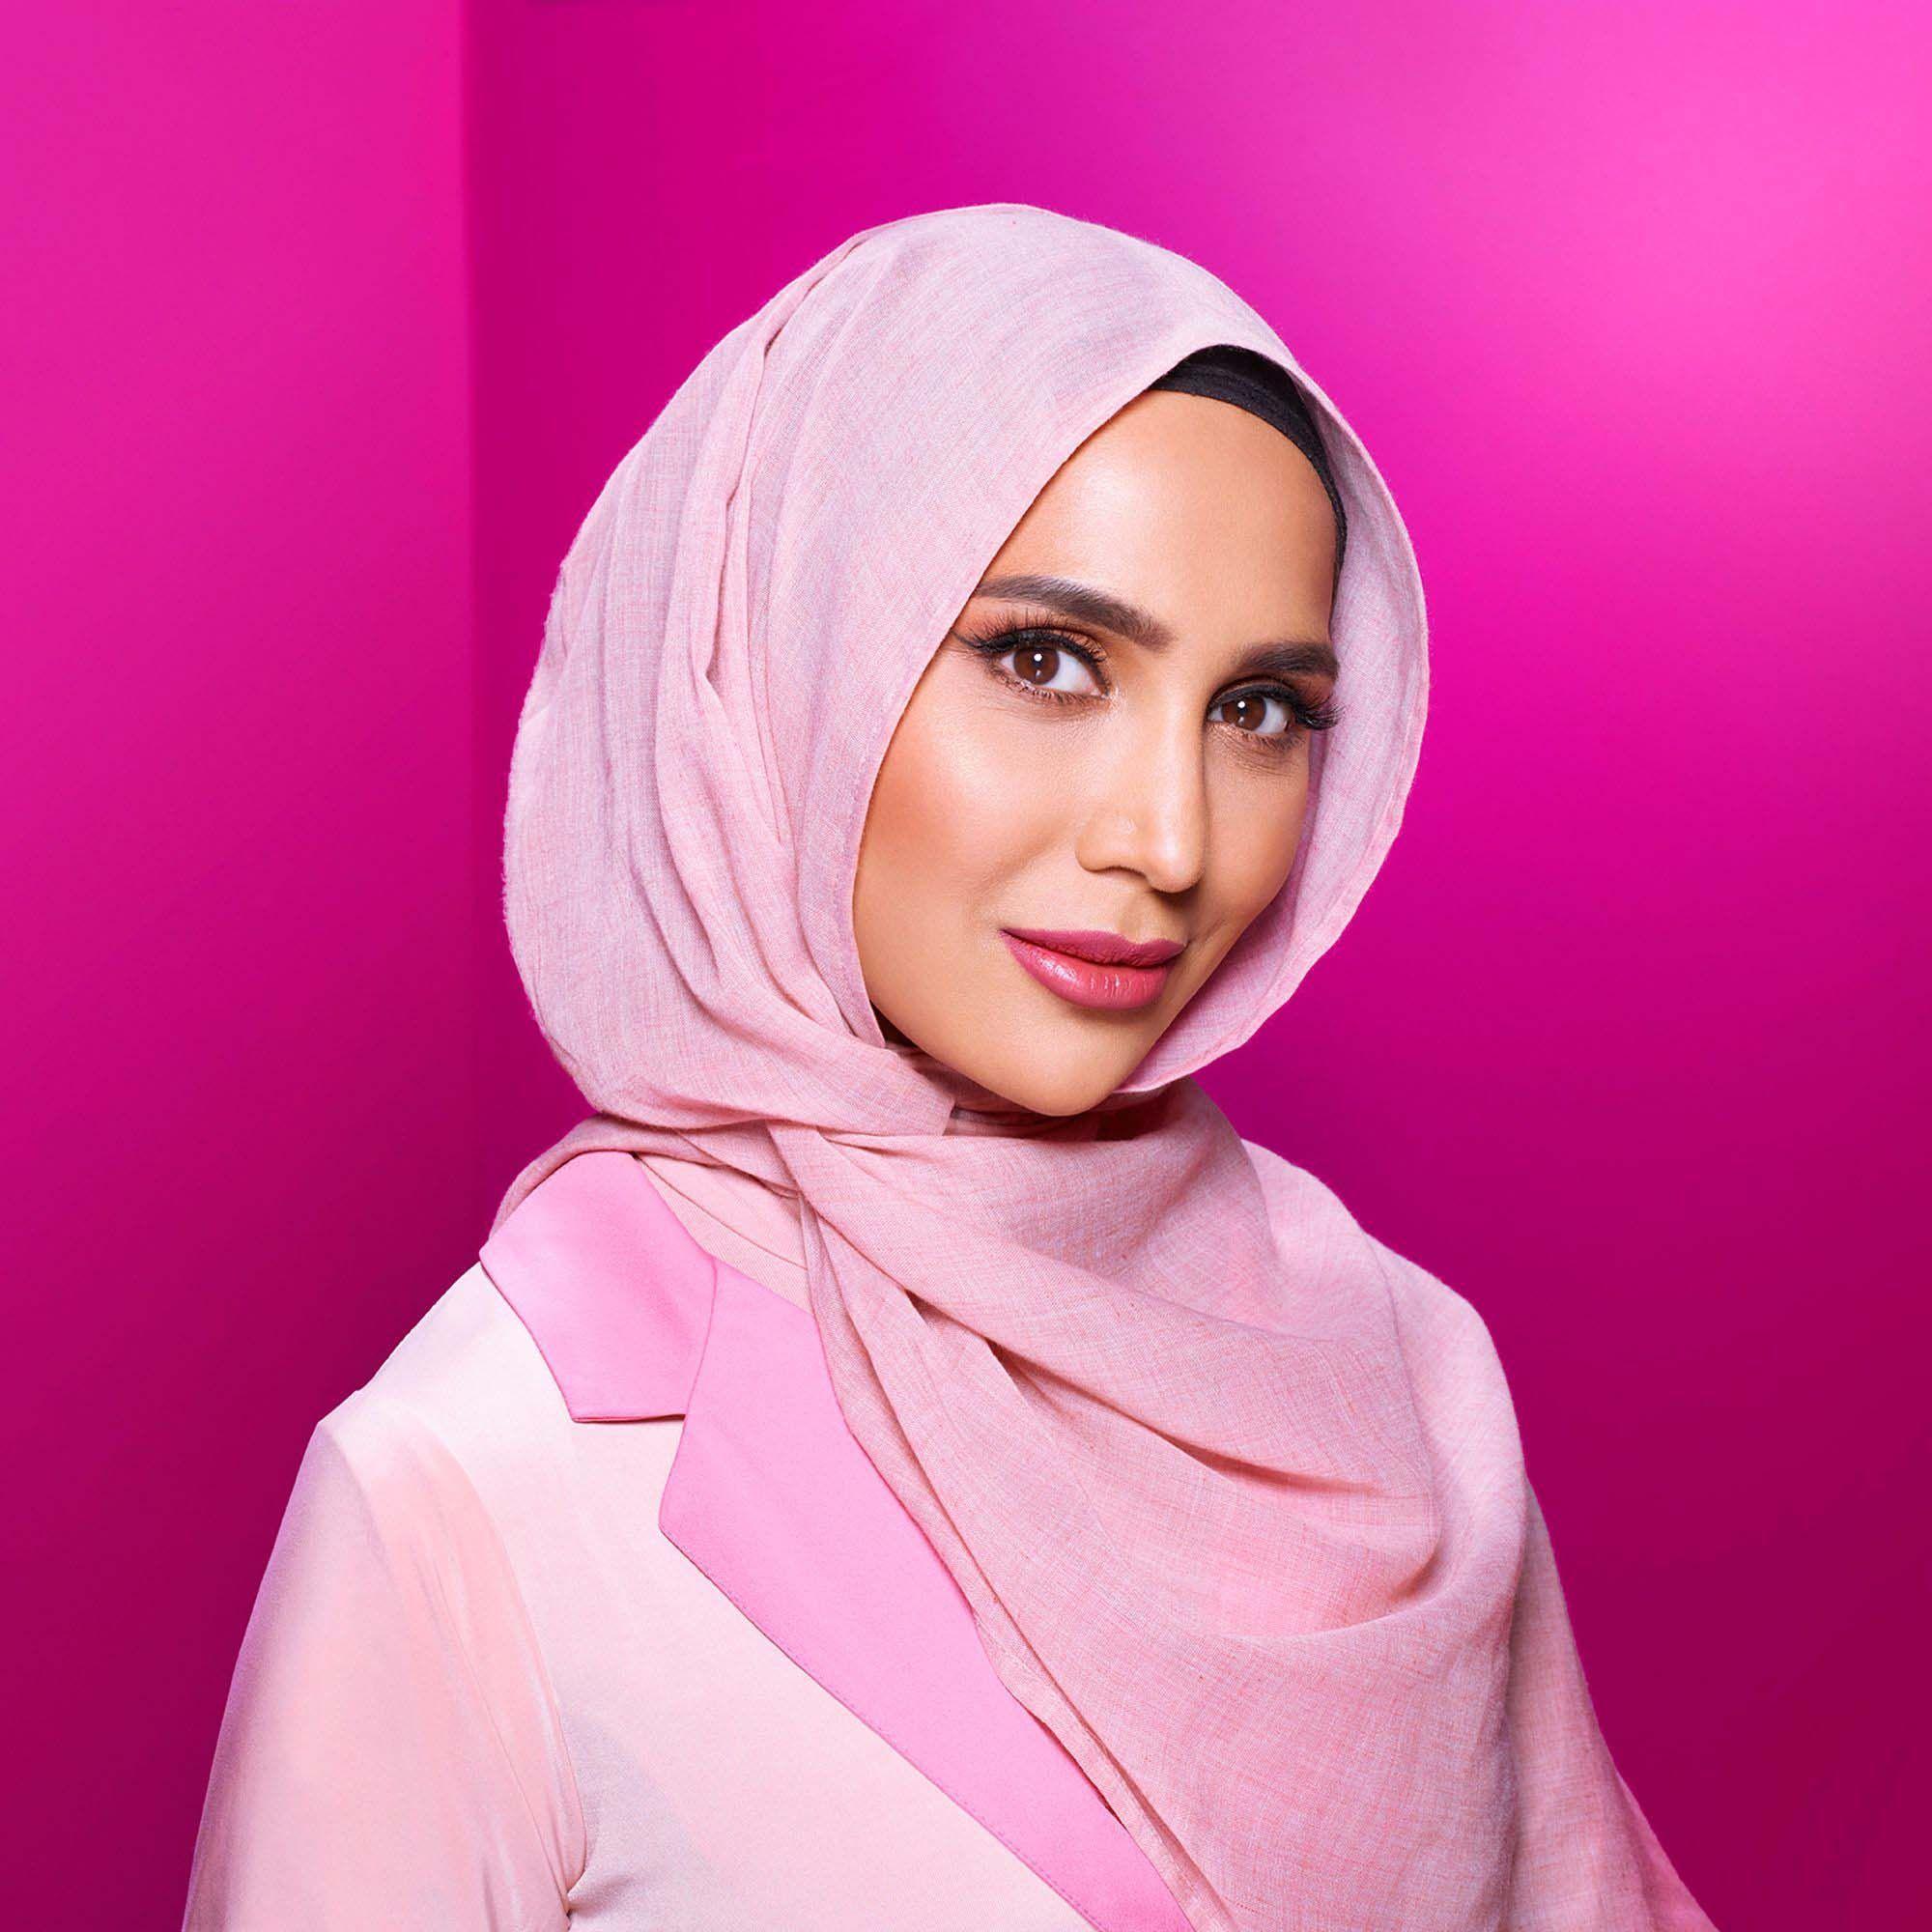 Amena Khan : Le mannequin voilé de L'Oréal Paris... À peine nommée, déjà évincée !